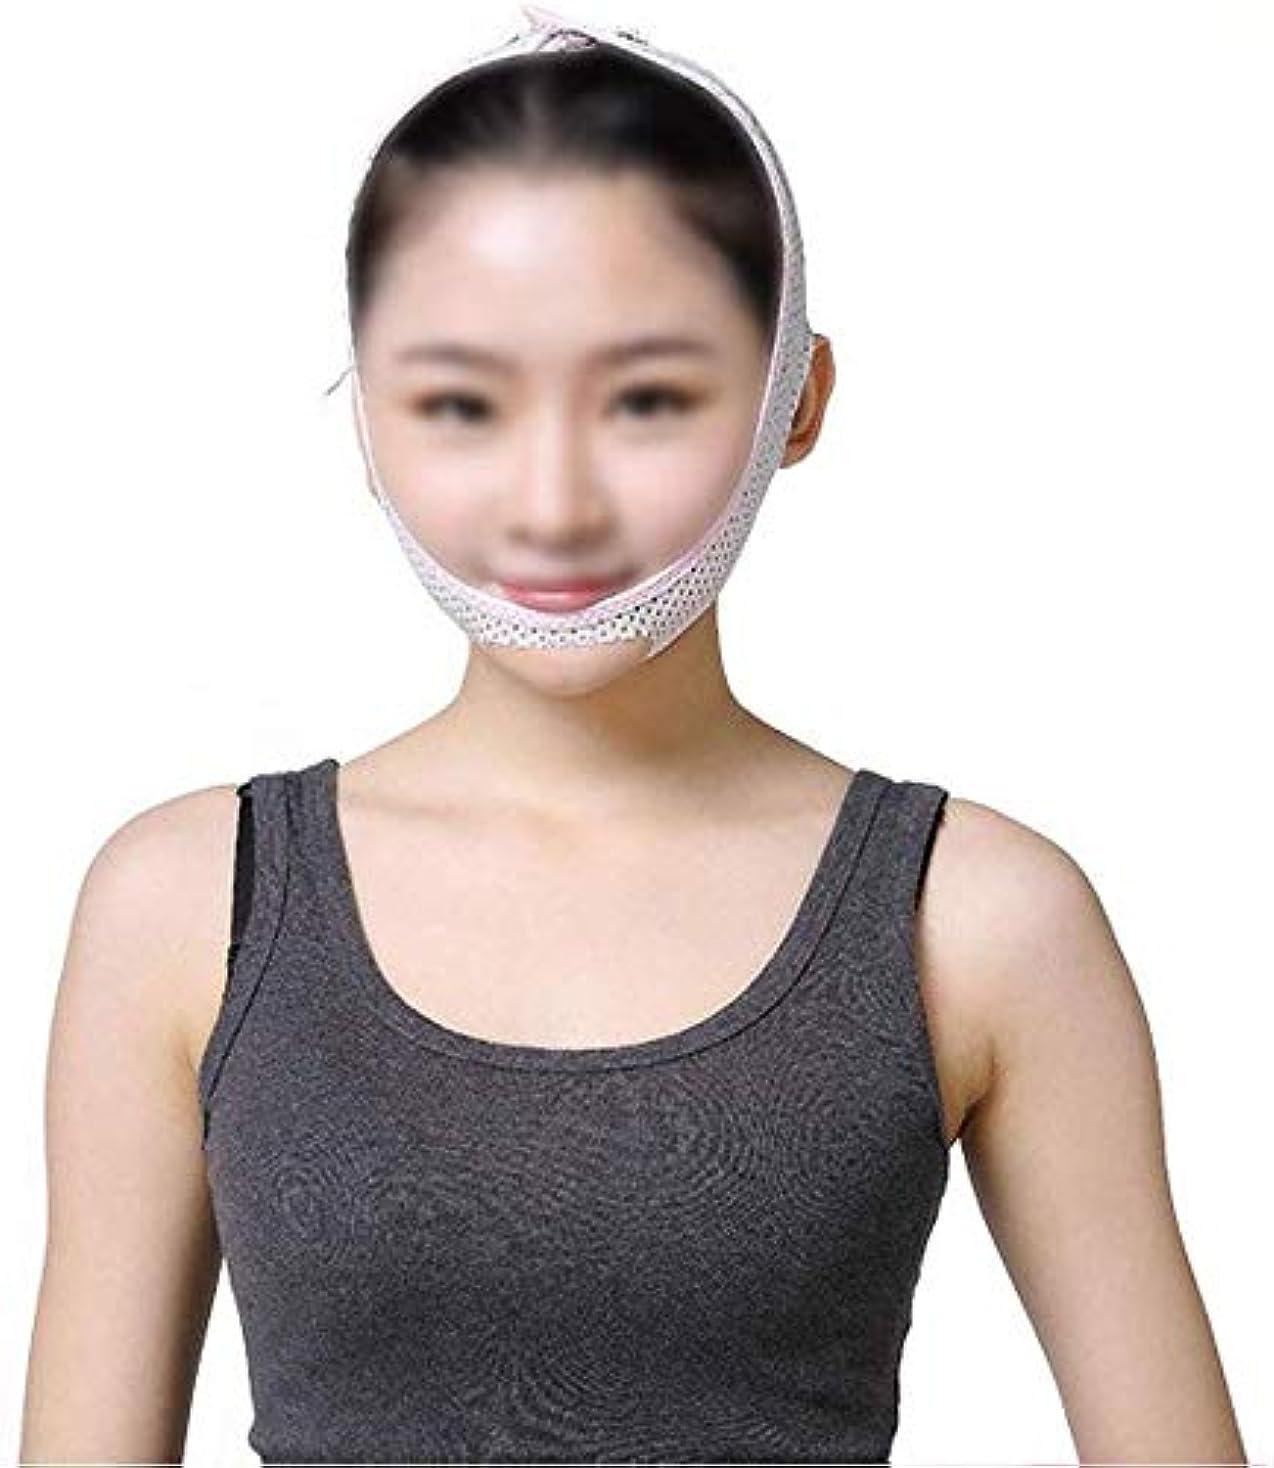 酸化する技術者内なるスリミングVフェイスマスク、フェイスリフティングマスク、快適で リフティングスキンファーミングスリープシンフェイスアーティファクトアンチリンクル/リムーブダブルチン/術後回復マスク(サイズ:M)